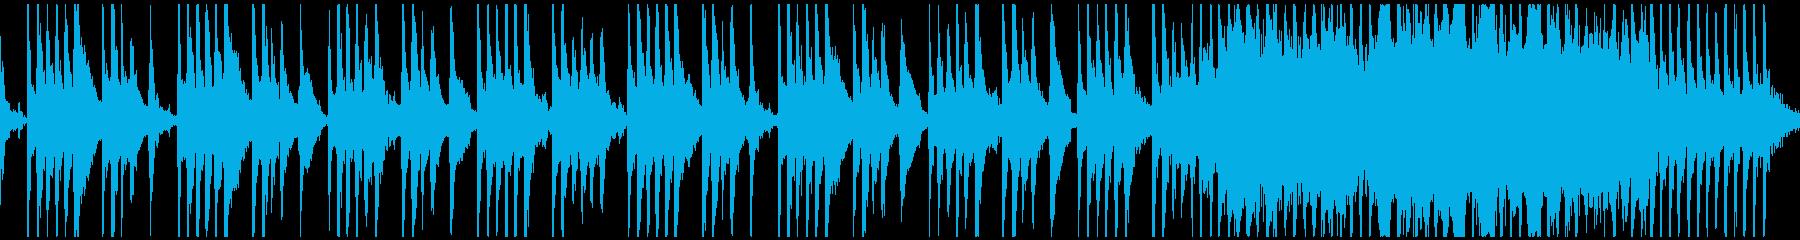 ループ/時計チクタクとピチカートかわいいの再生済みの波形